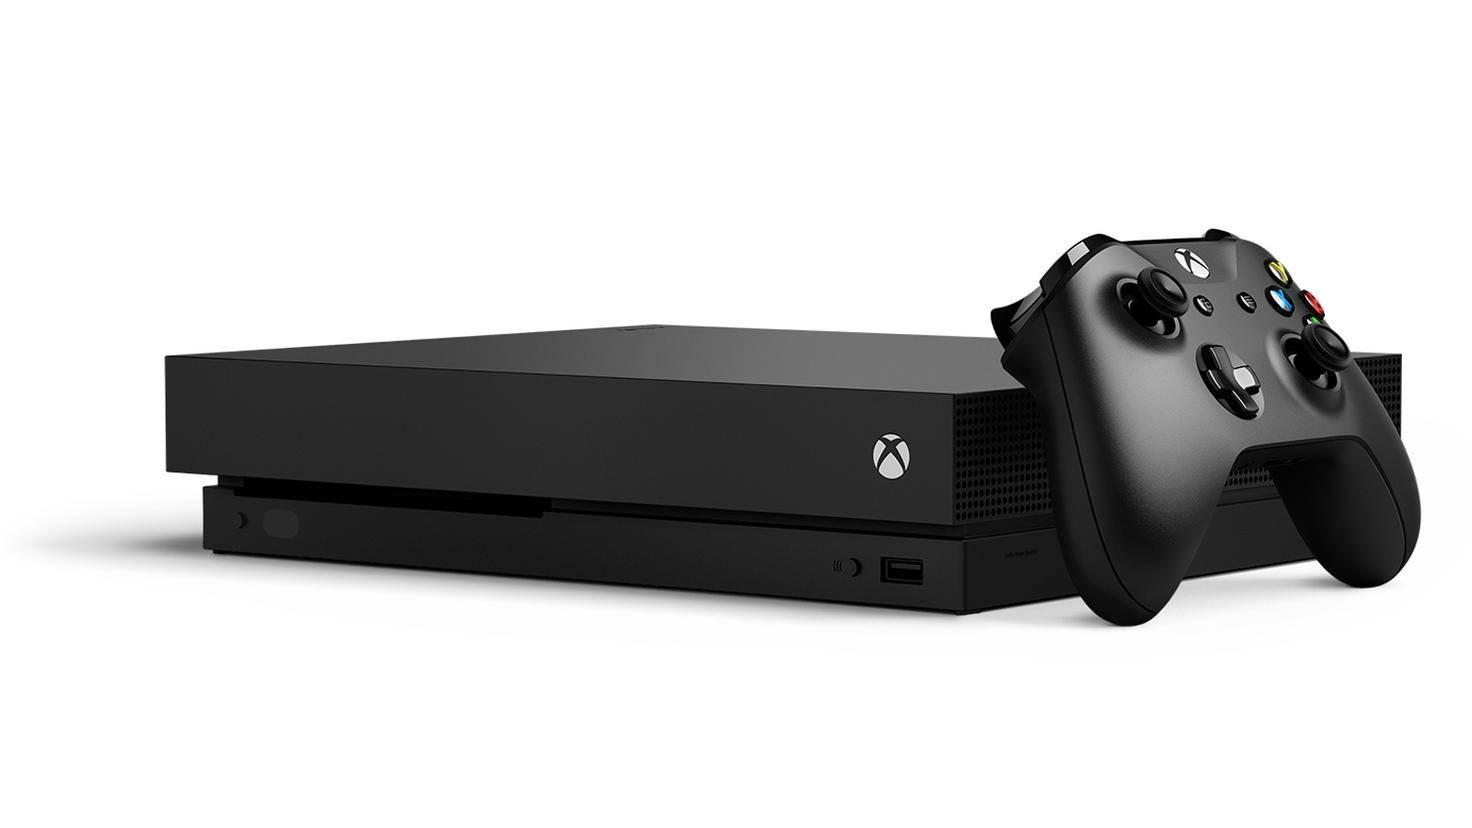 Mit einer Xbox One oder Xbox One X bringt Xbox Live besonders viele Vorteile.